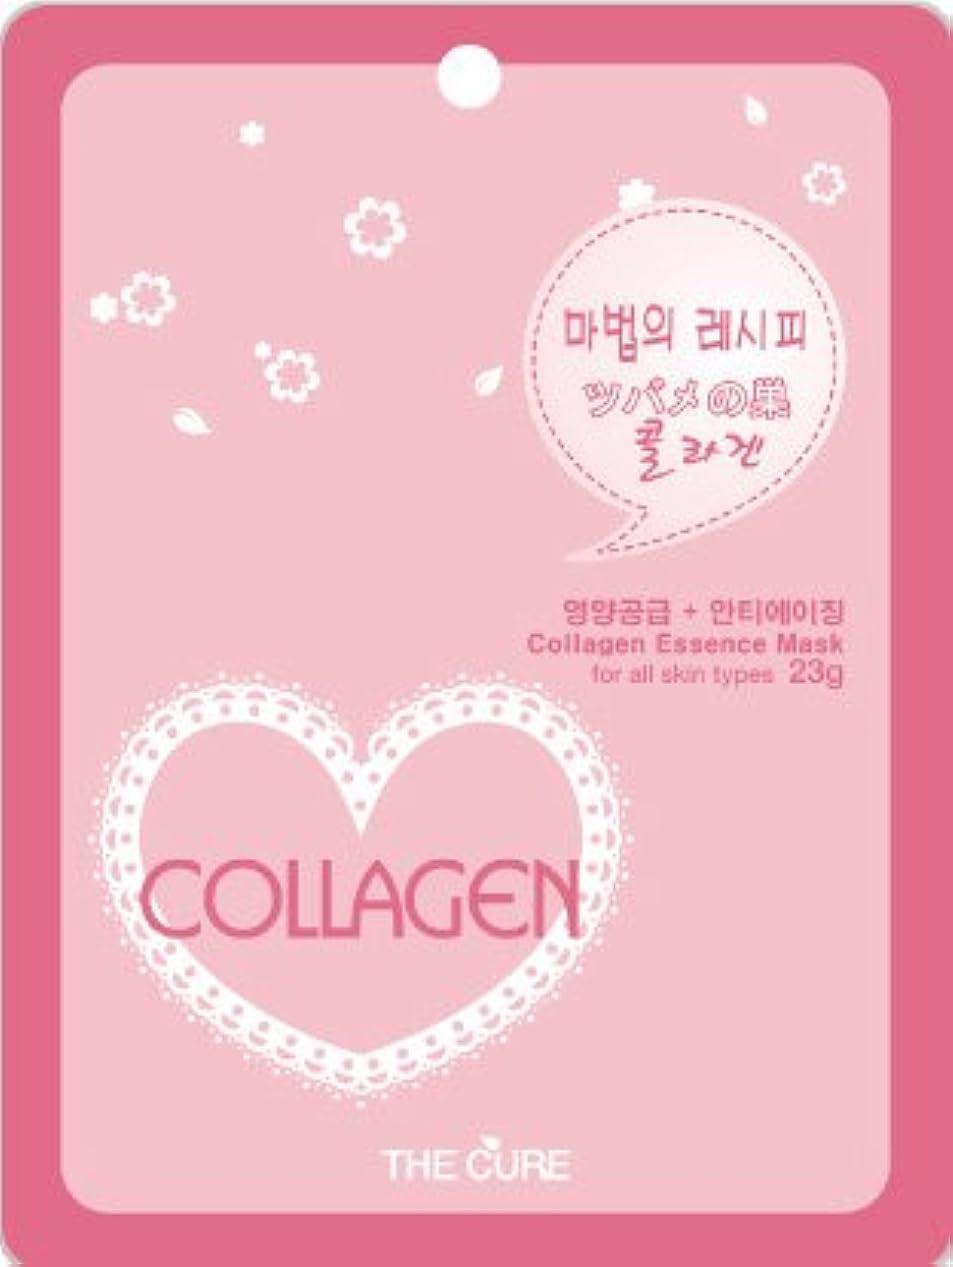 だらしない宿泊高くコラーゲン エッセンス マスク THE CURE シート パック 10枚セット 韓国 コスメ 乾燥肌 オイリー肌 混合肌